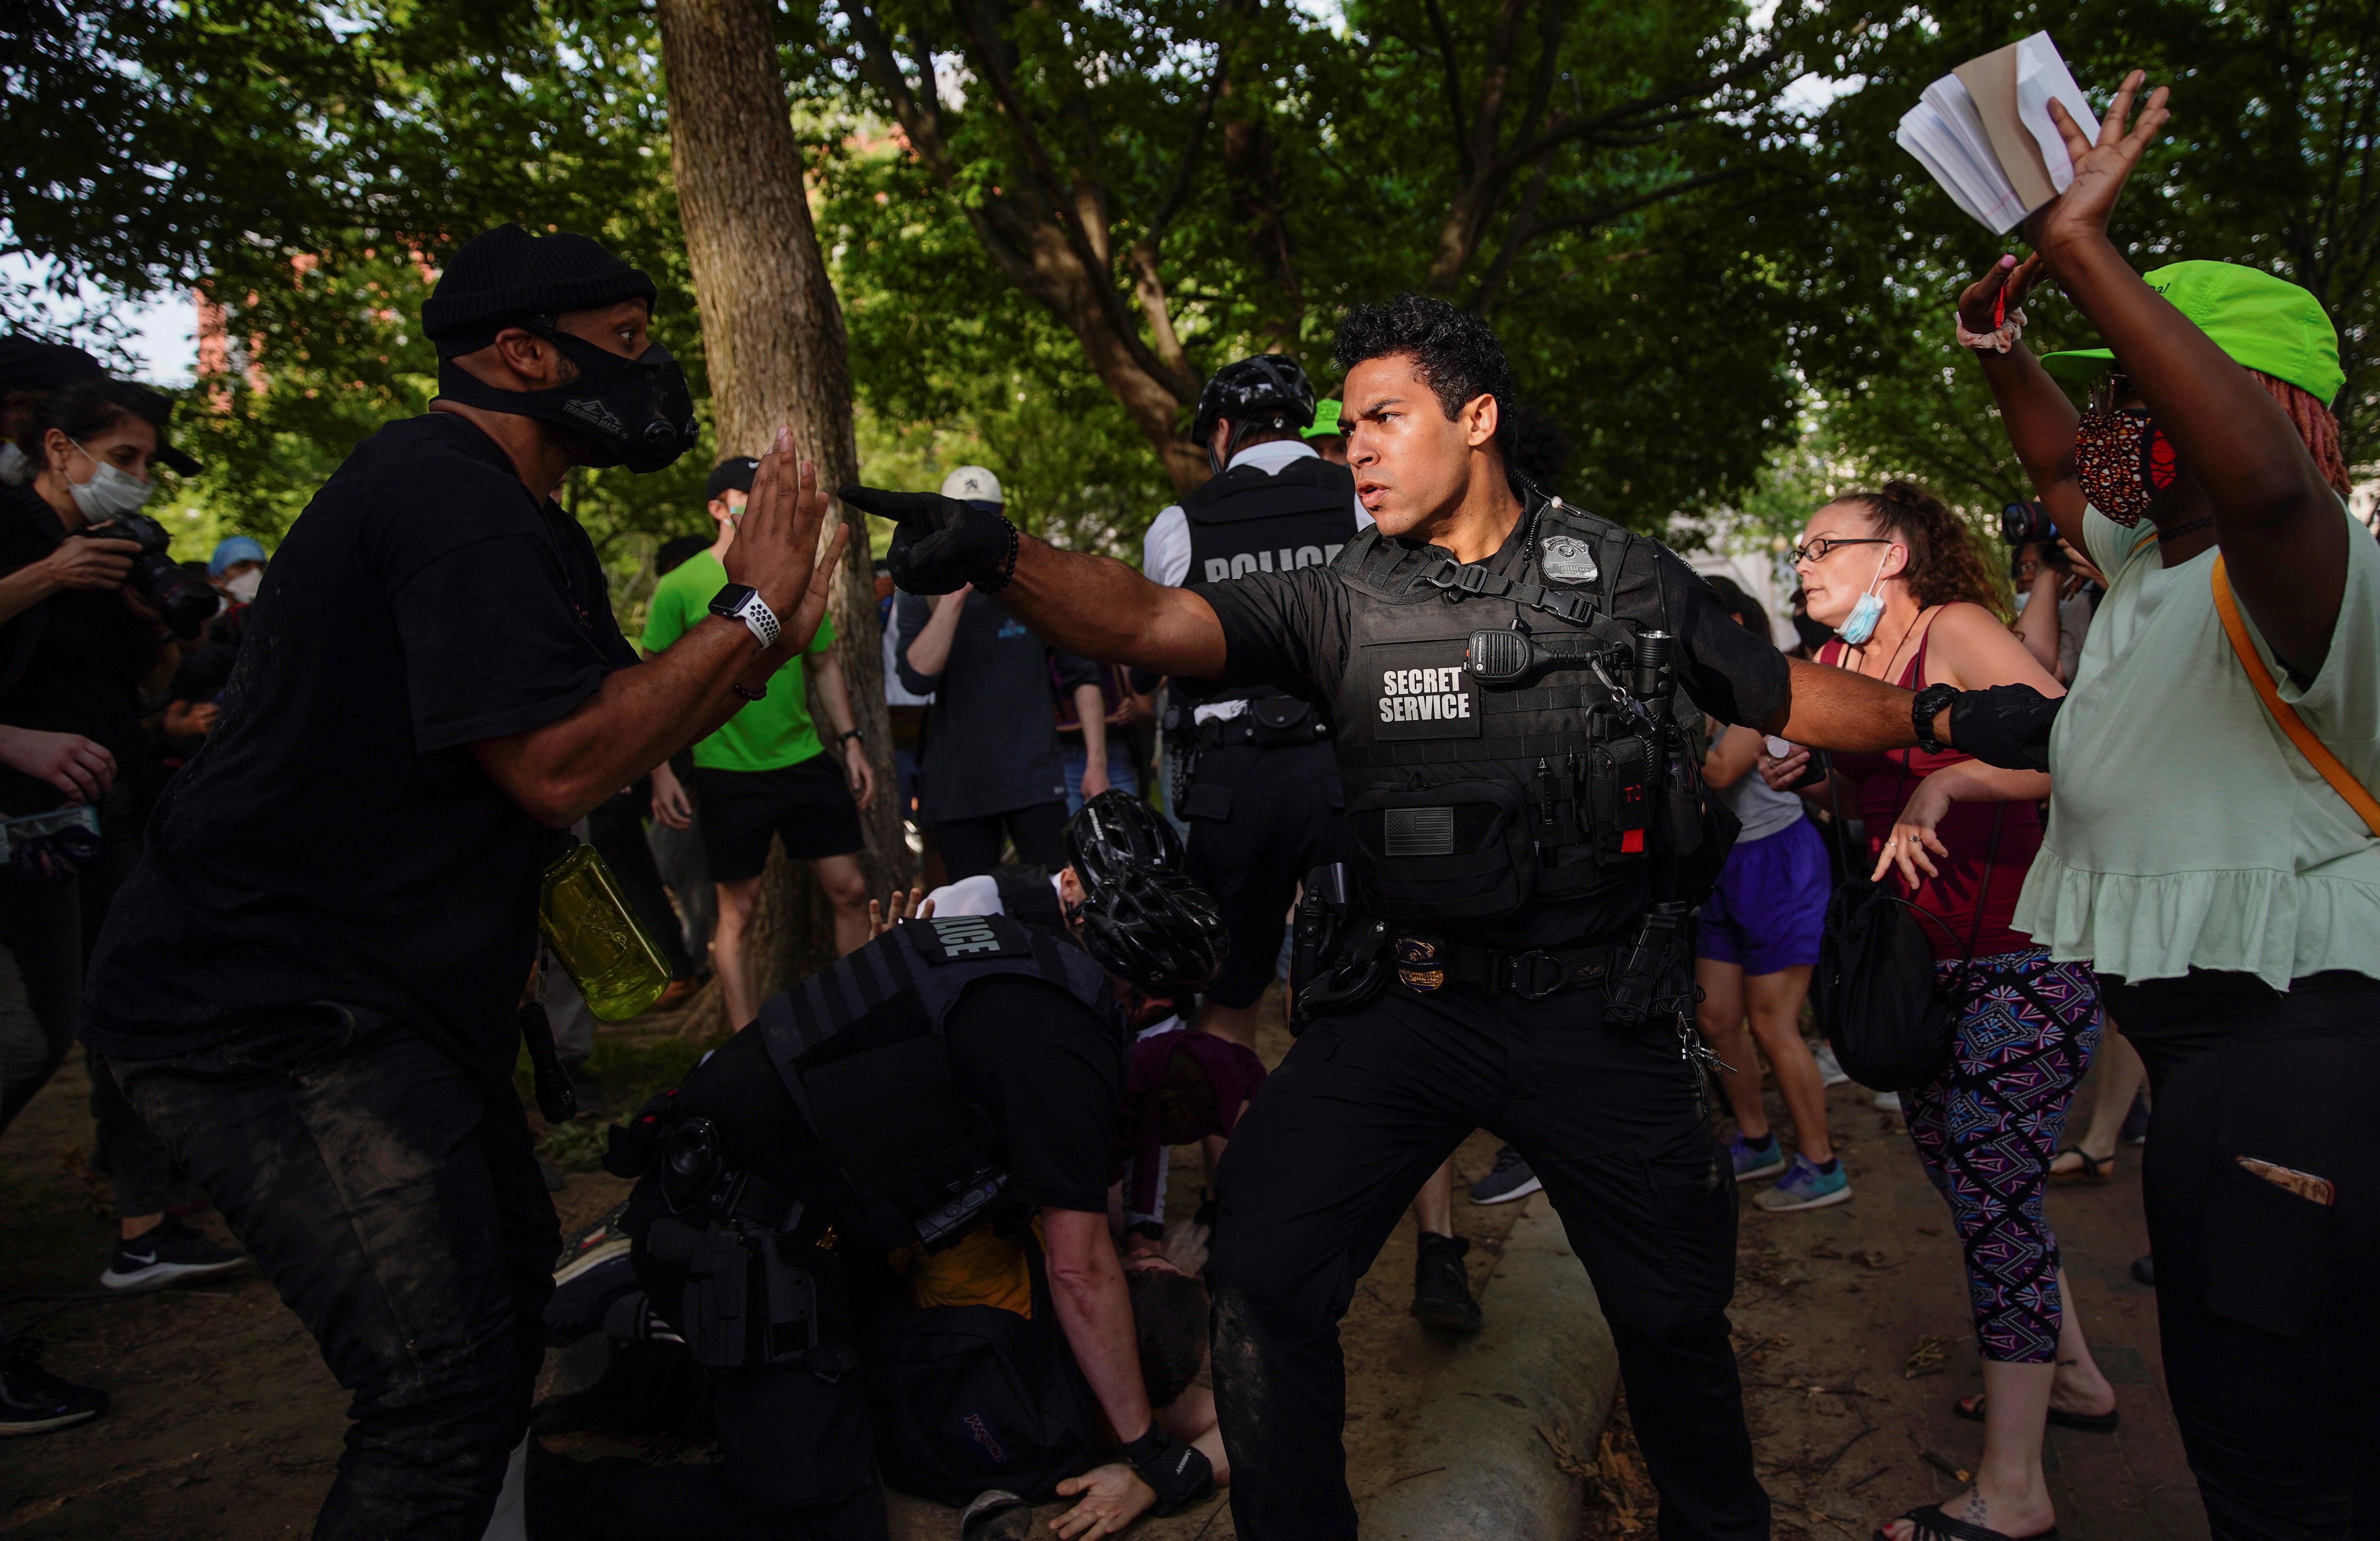 Mezclado entre la multitud, un oficial con la leyenda